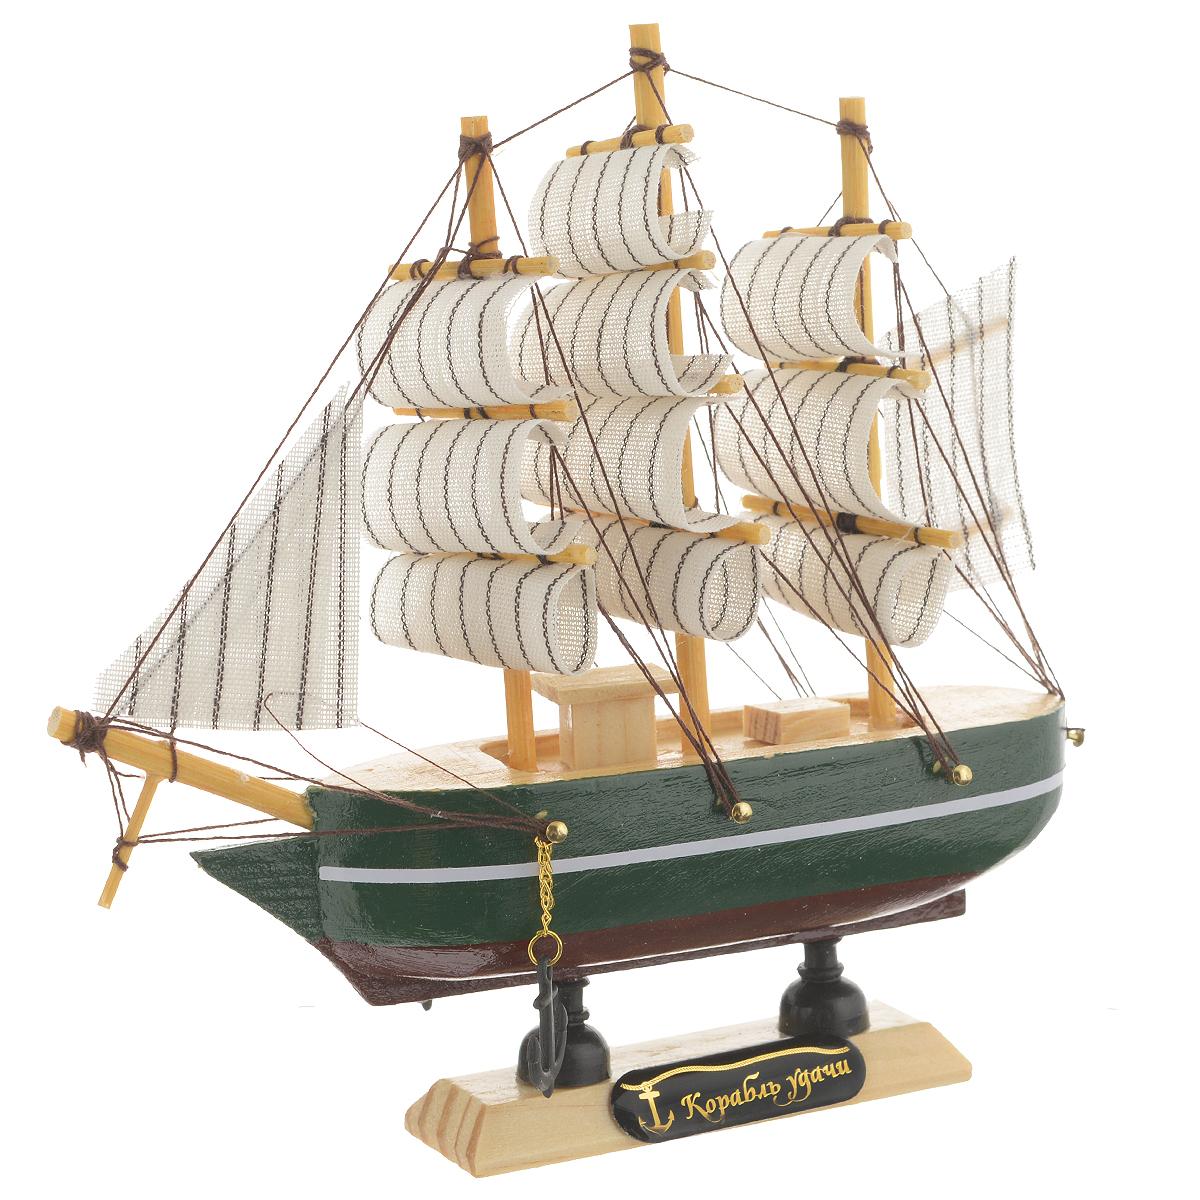 Корабль сувенирный Корабль удачи, длина 16 см. 564169564169Сувенирный корабль Корабль удачи, изготовленный из дерева и текстиля, это великолепный элемент декора рабочей зоны в офисе или кабинете. Корабль с парусами и якорями помещен на деревянную подставку. Время идет, и мы становимся свидетелями развития технического прогресса, новых учений и практик. Но одно не подвластно времени - это любовь человека к морю и кораблям. Сувенирный корабль наполнен историей и силой океанских вод. Данная модель кораблика станет отличным подарком для всех любителей морей, поклонников историй о покорении океанов и неизведанных земель. Модель корабля - подарок со смыслом. Издавна на Руси считалось, что корабли приносят удачу и везение. Поэтому их изображения, фигурки и точные копии всегда присутствовали в помещениях. Удивите себя и своих близких необычным презентом.